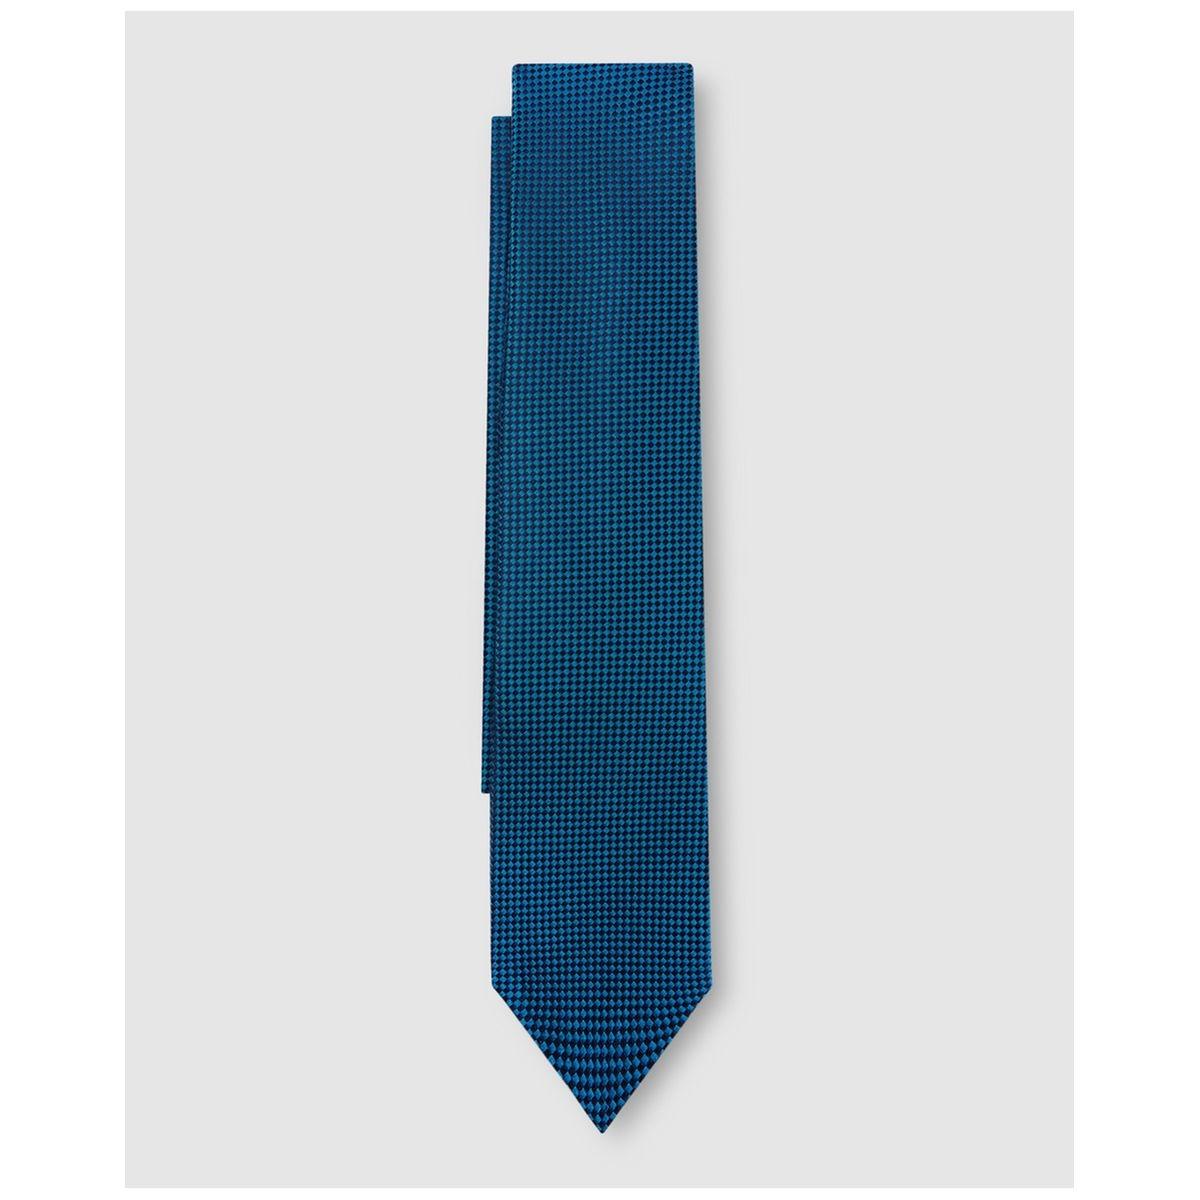 Cravate en soie microimprimé à carreaux